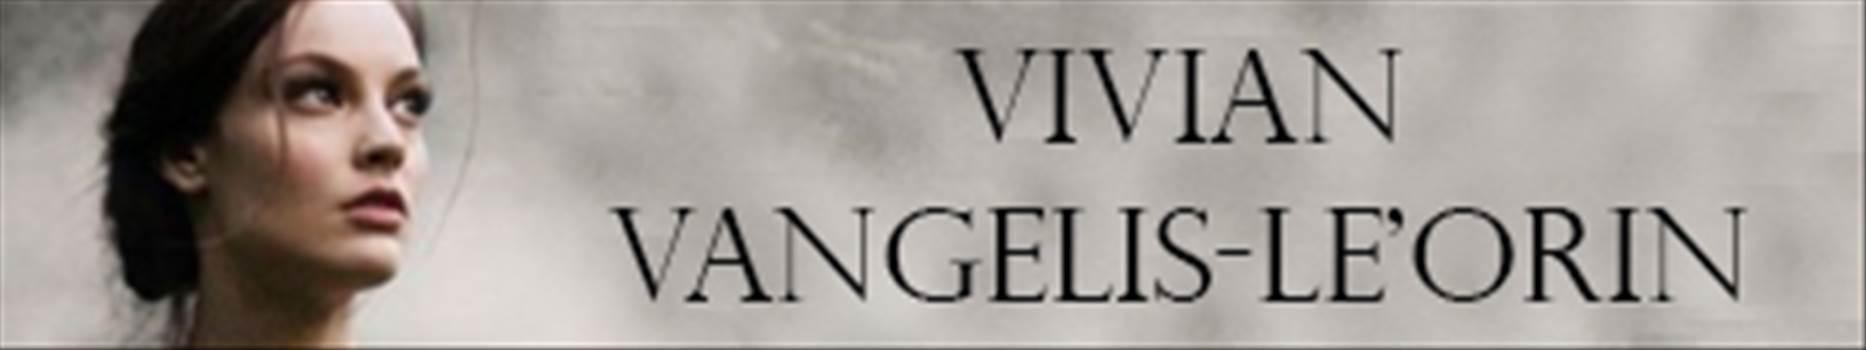 vangelis-vivian.jpg by shoresofelysium